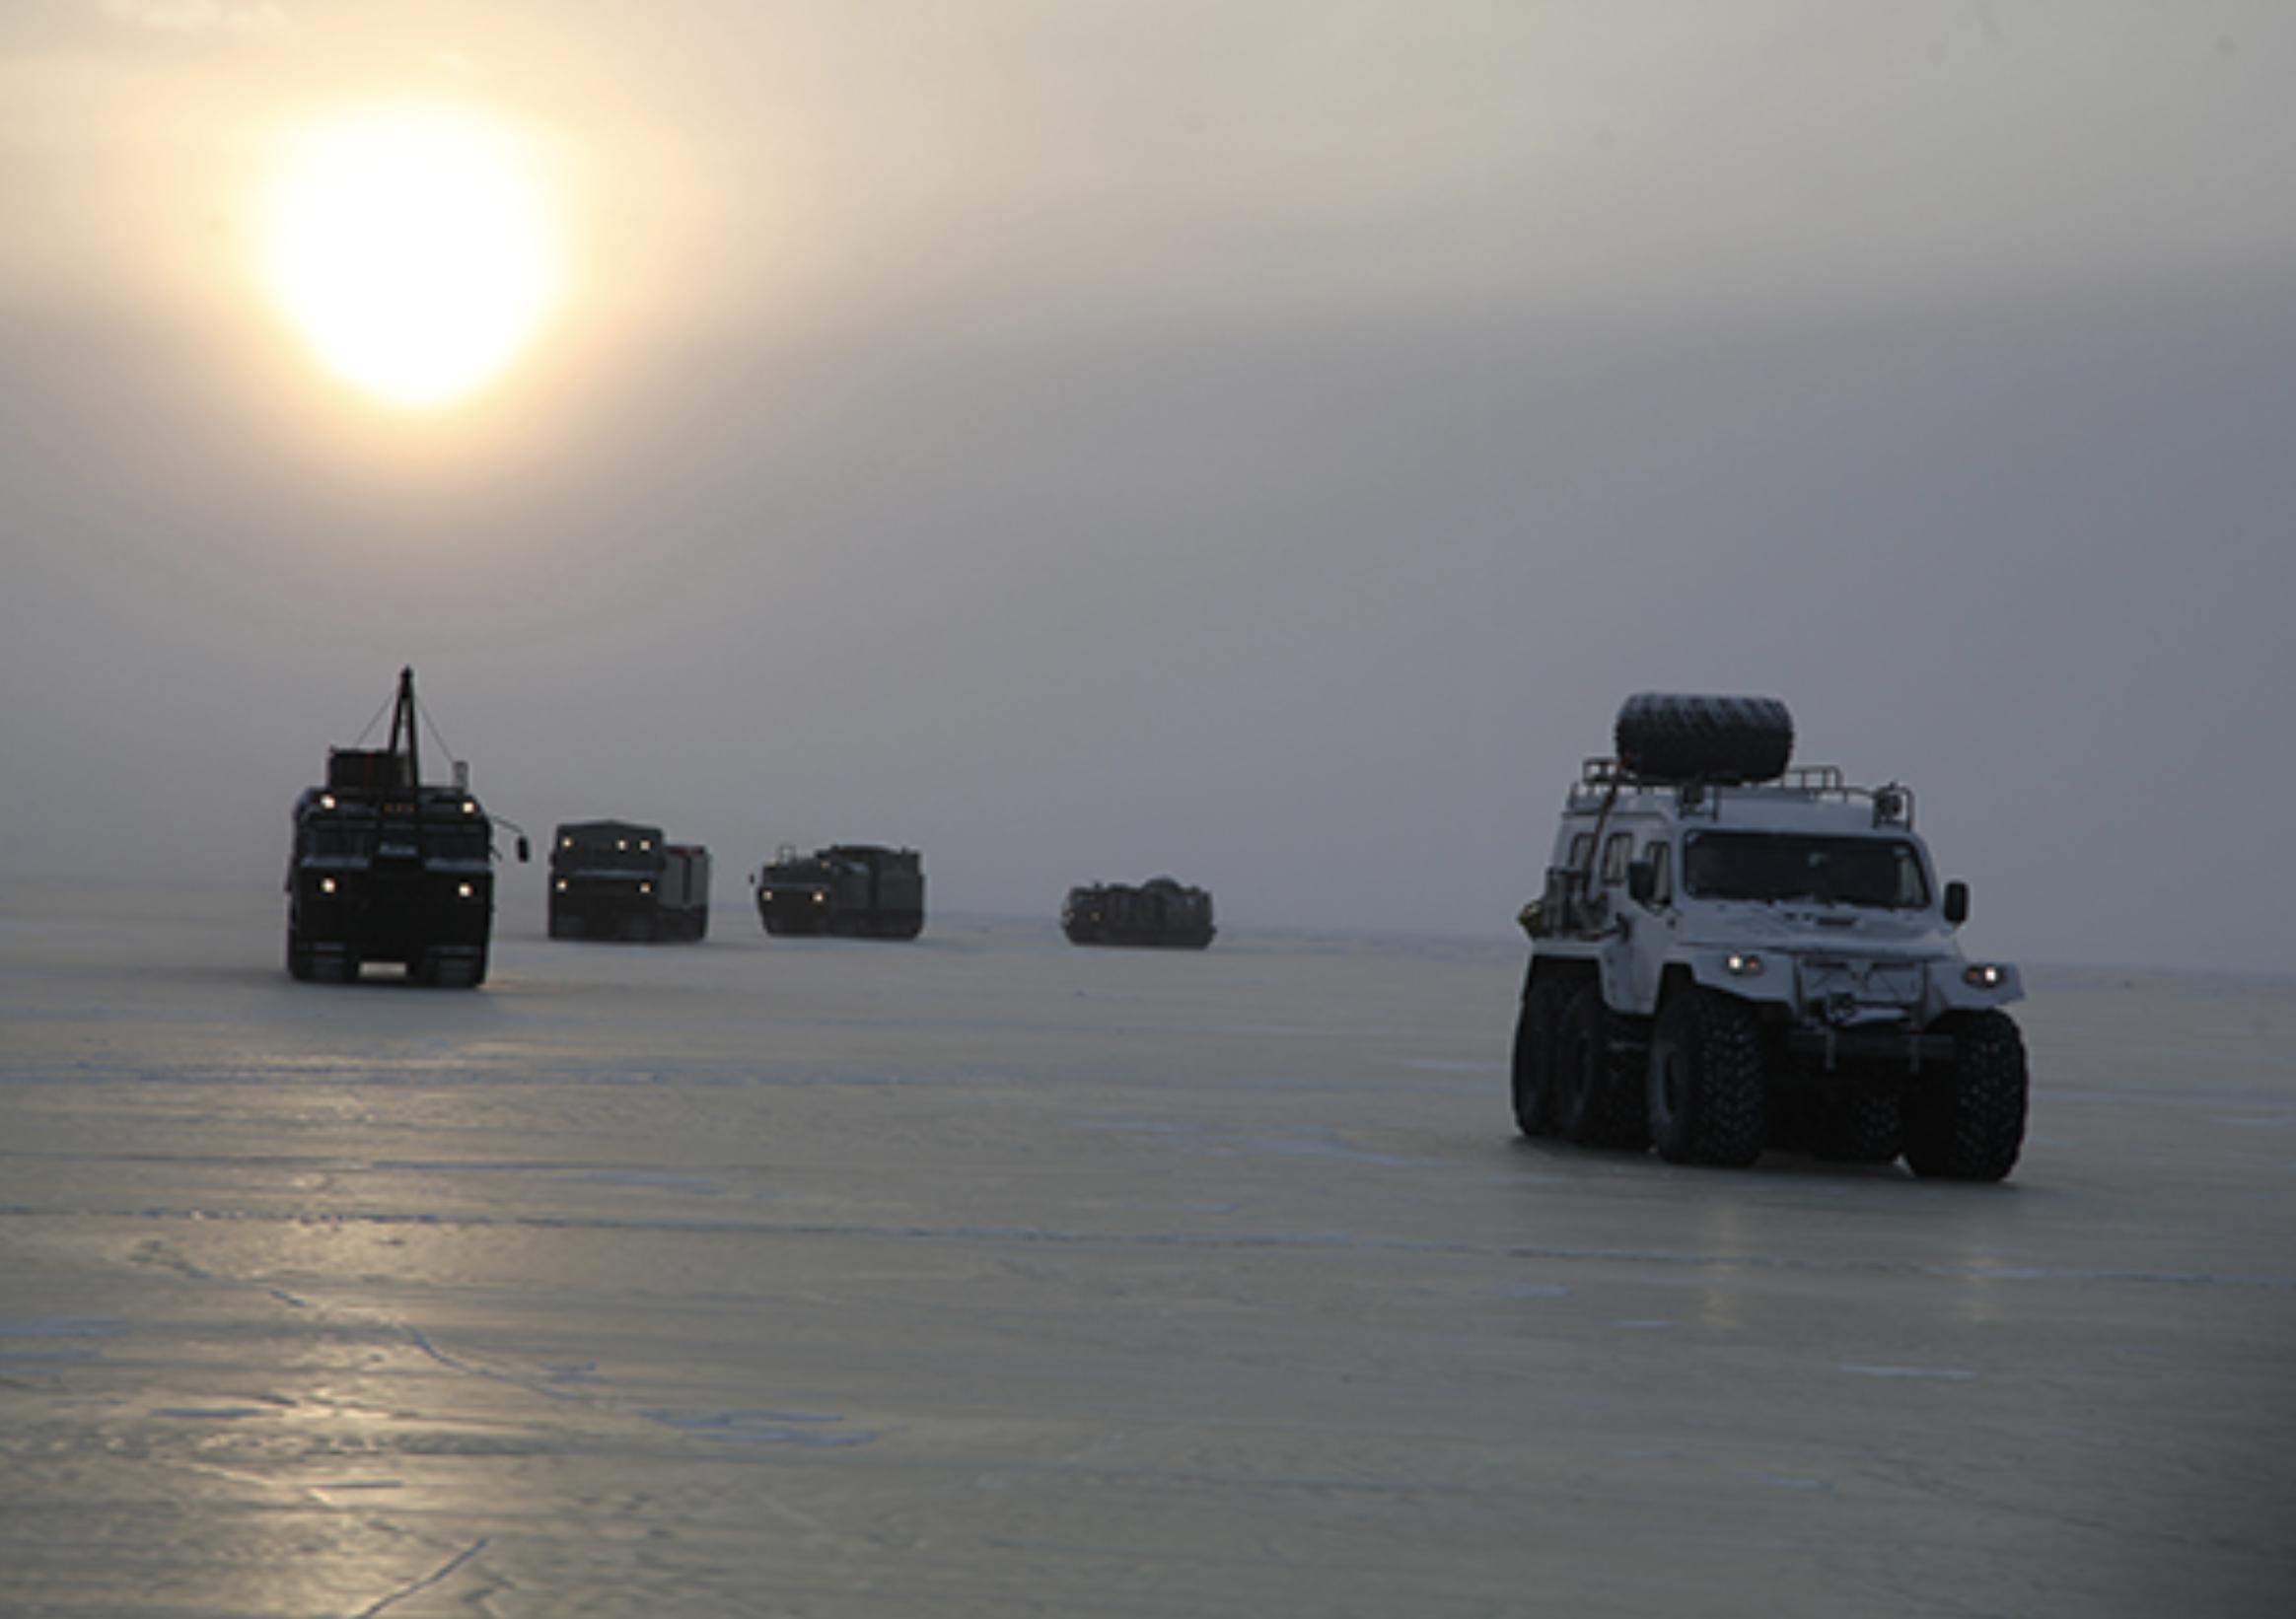 Rusia menguji sejumlah model peralatan militer terbaru di Kutub Utara.